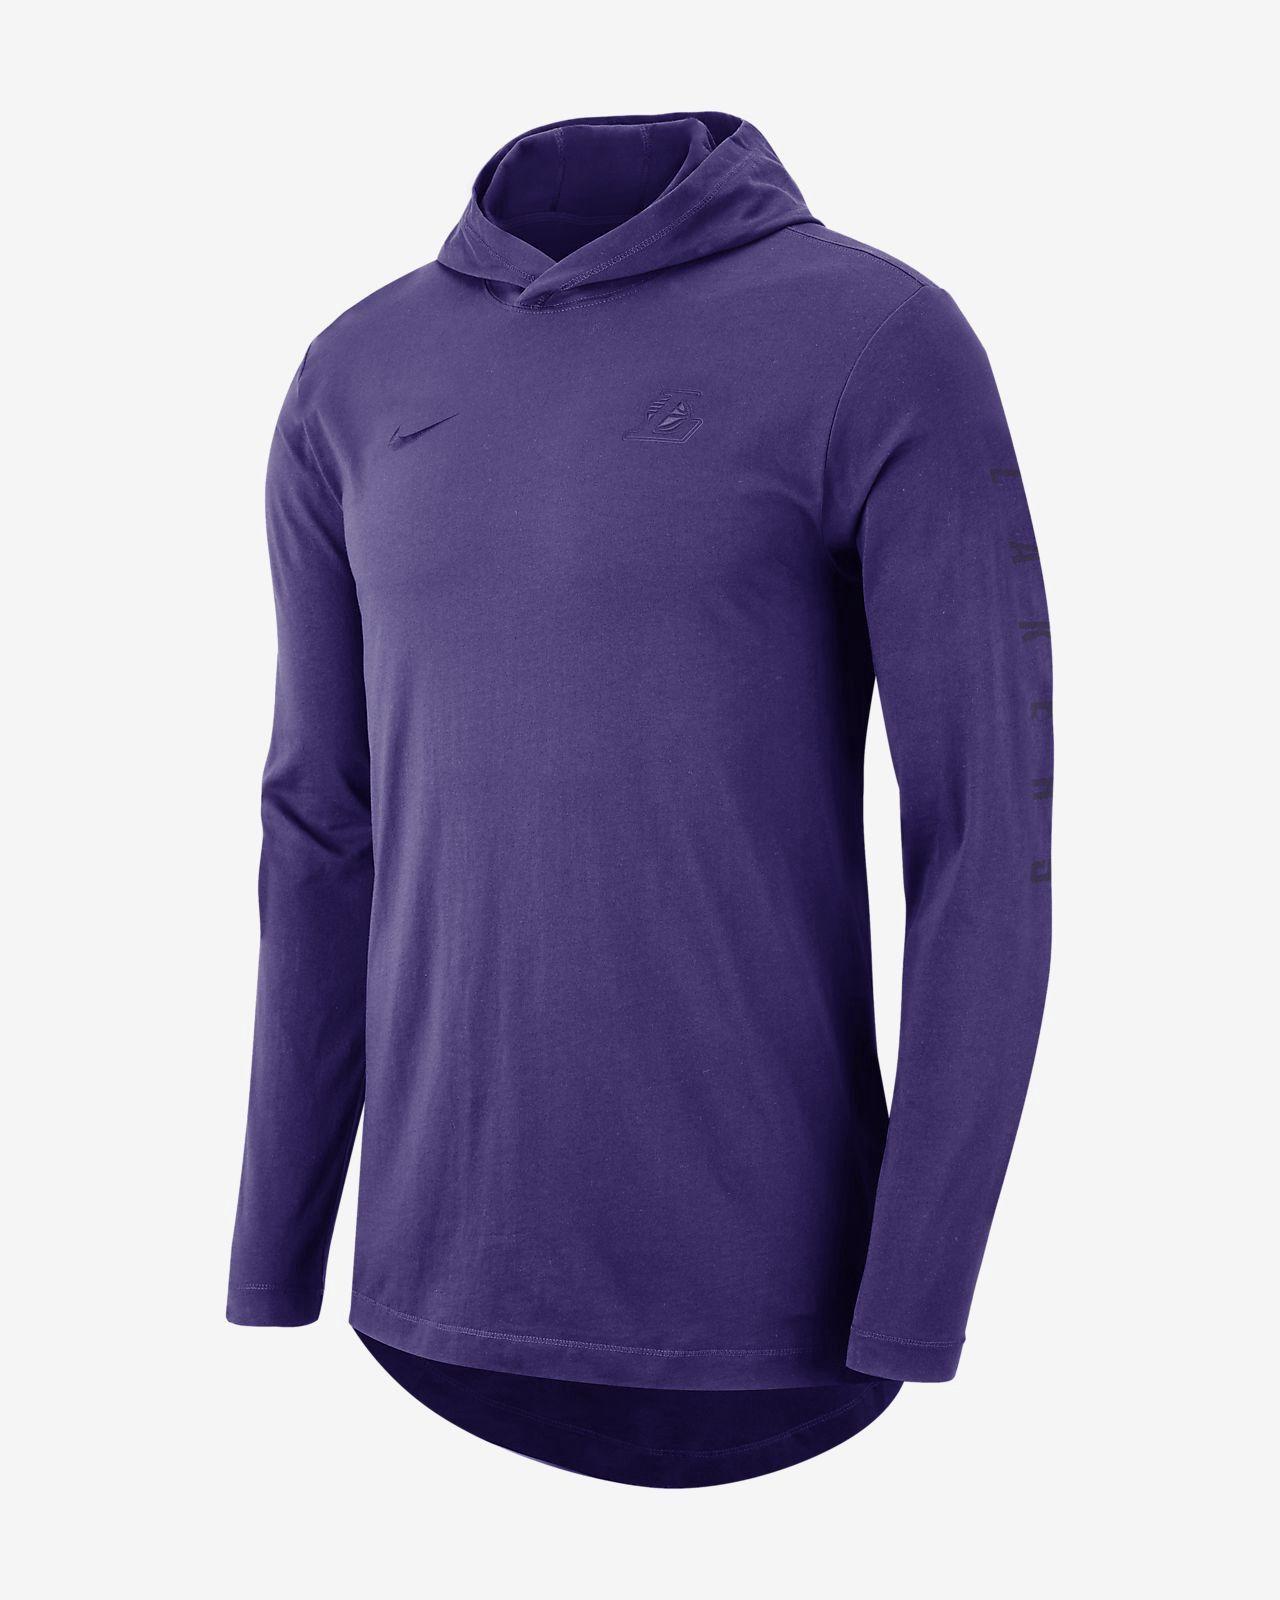 Nike Los Angeles Lakers Men s Hooded Long-Sleeve Nba T-Shirt - 3XL Purple 8eaa03238